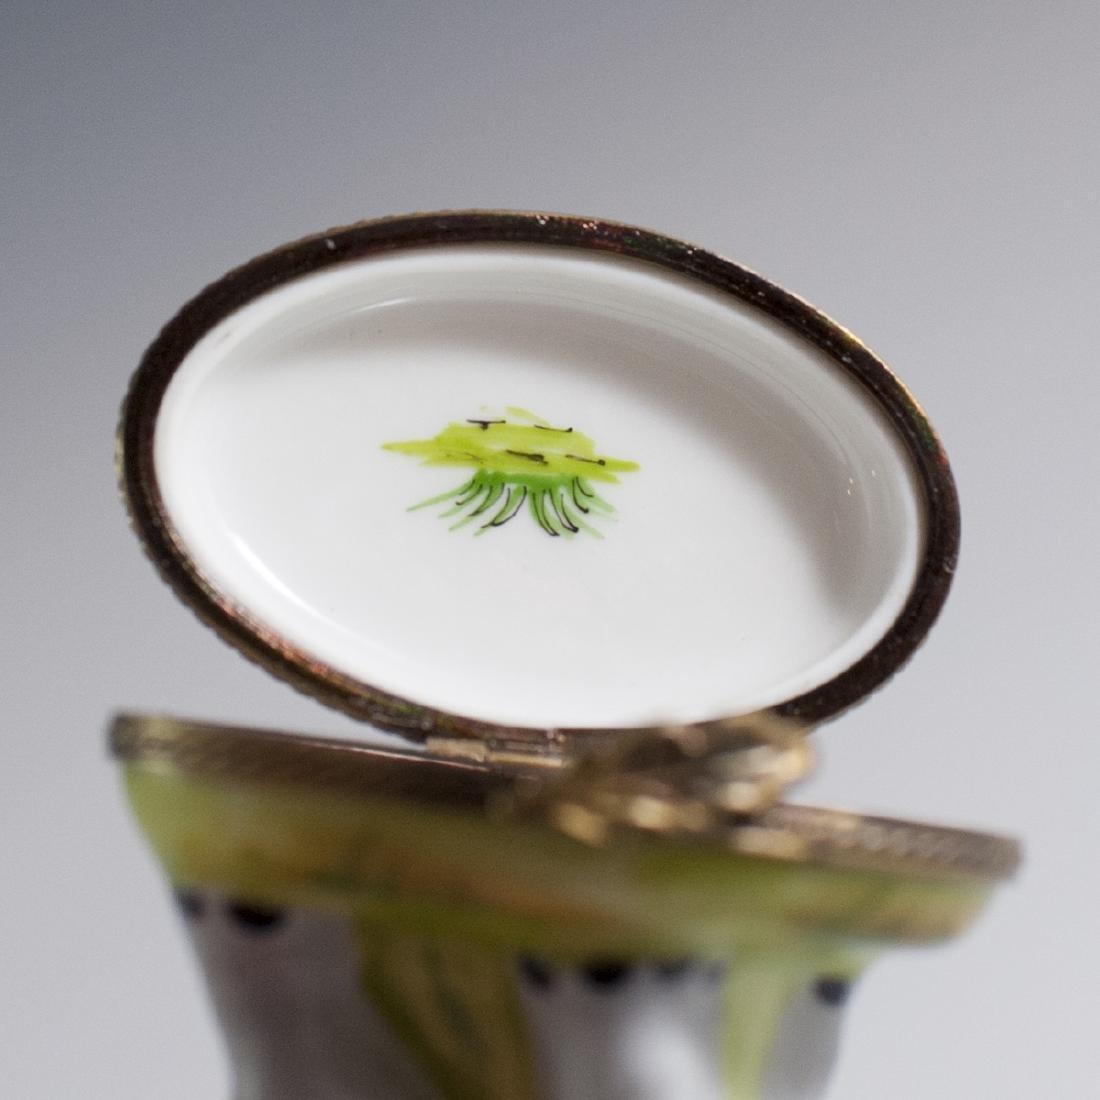 Eximious Limoges Porcelain Trinket Box - 4